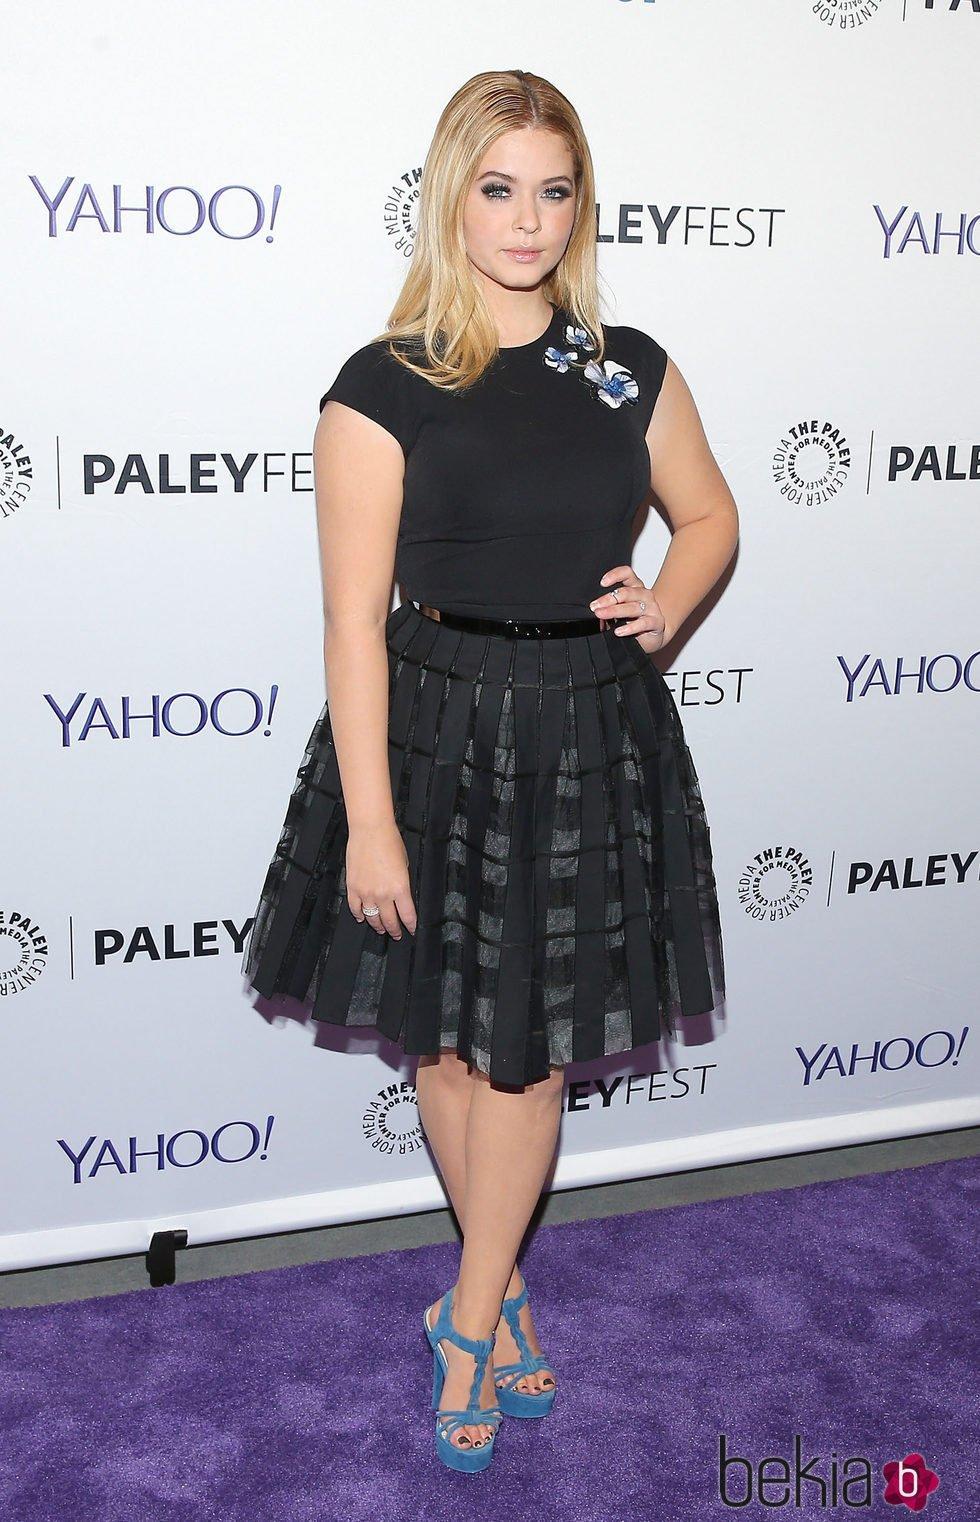 Sasha Pieterse en el PaleyFest de Nueva York